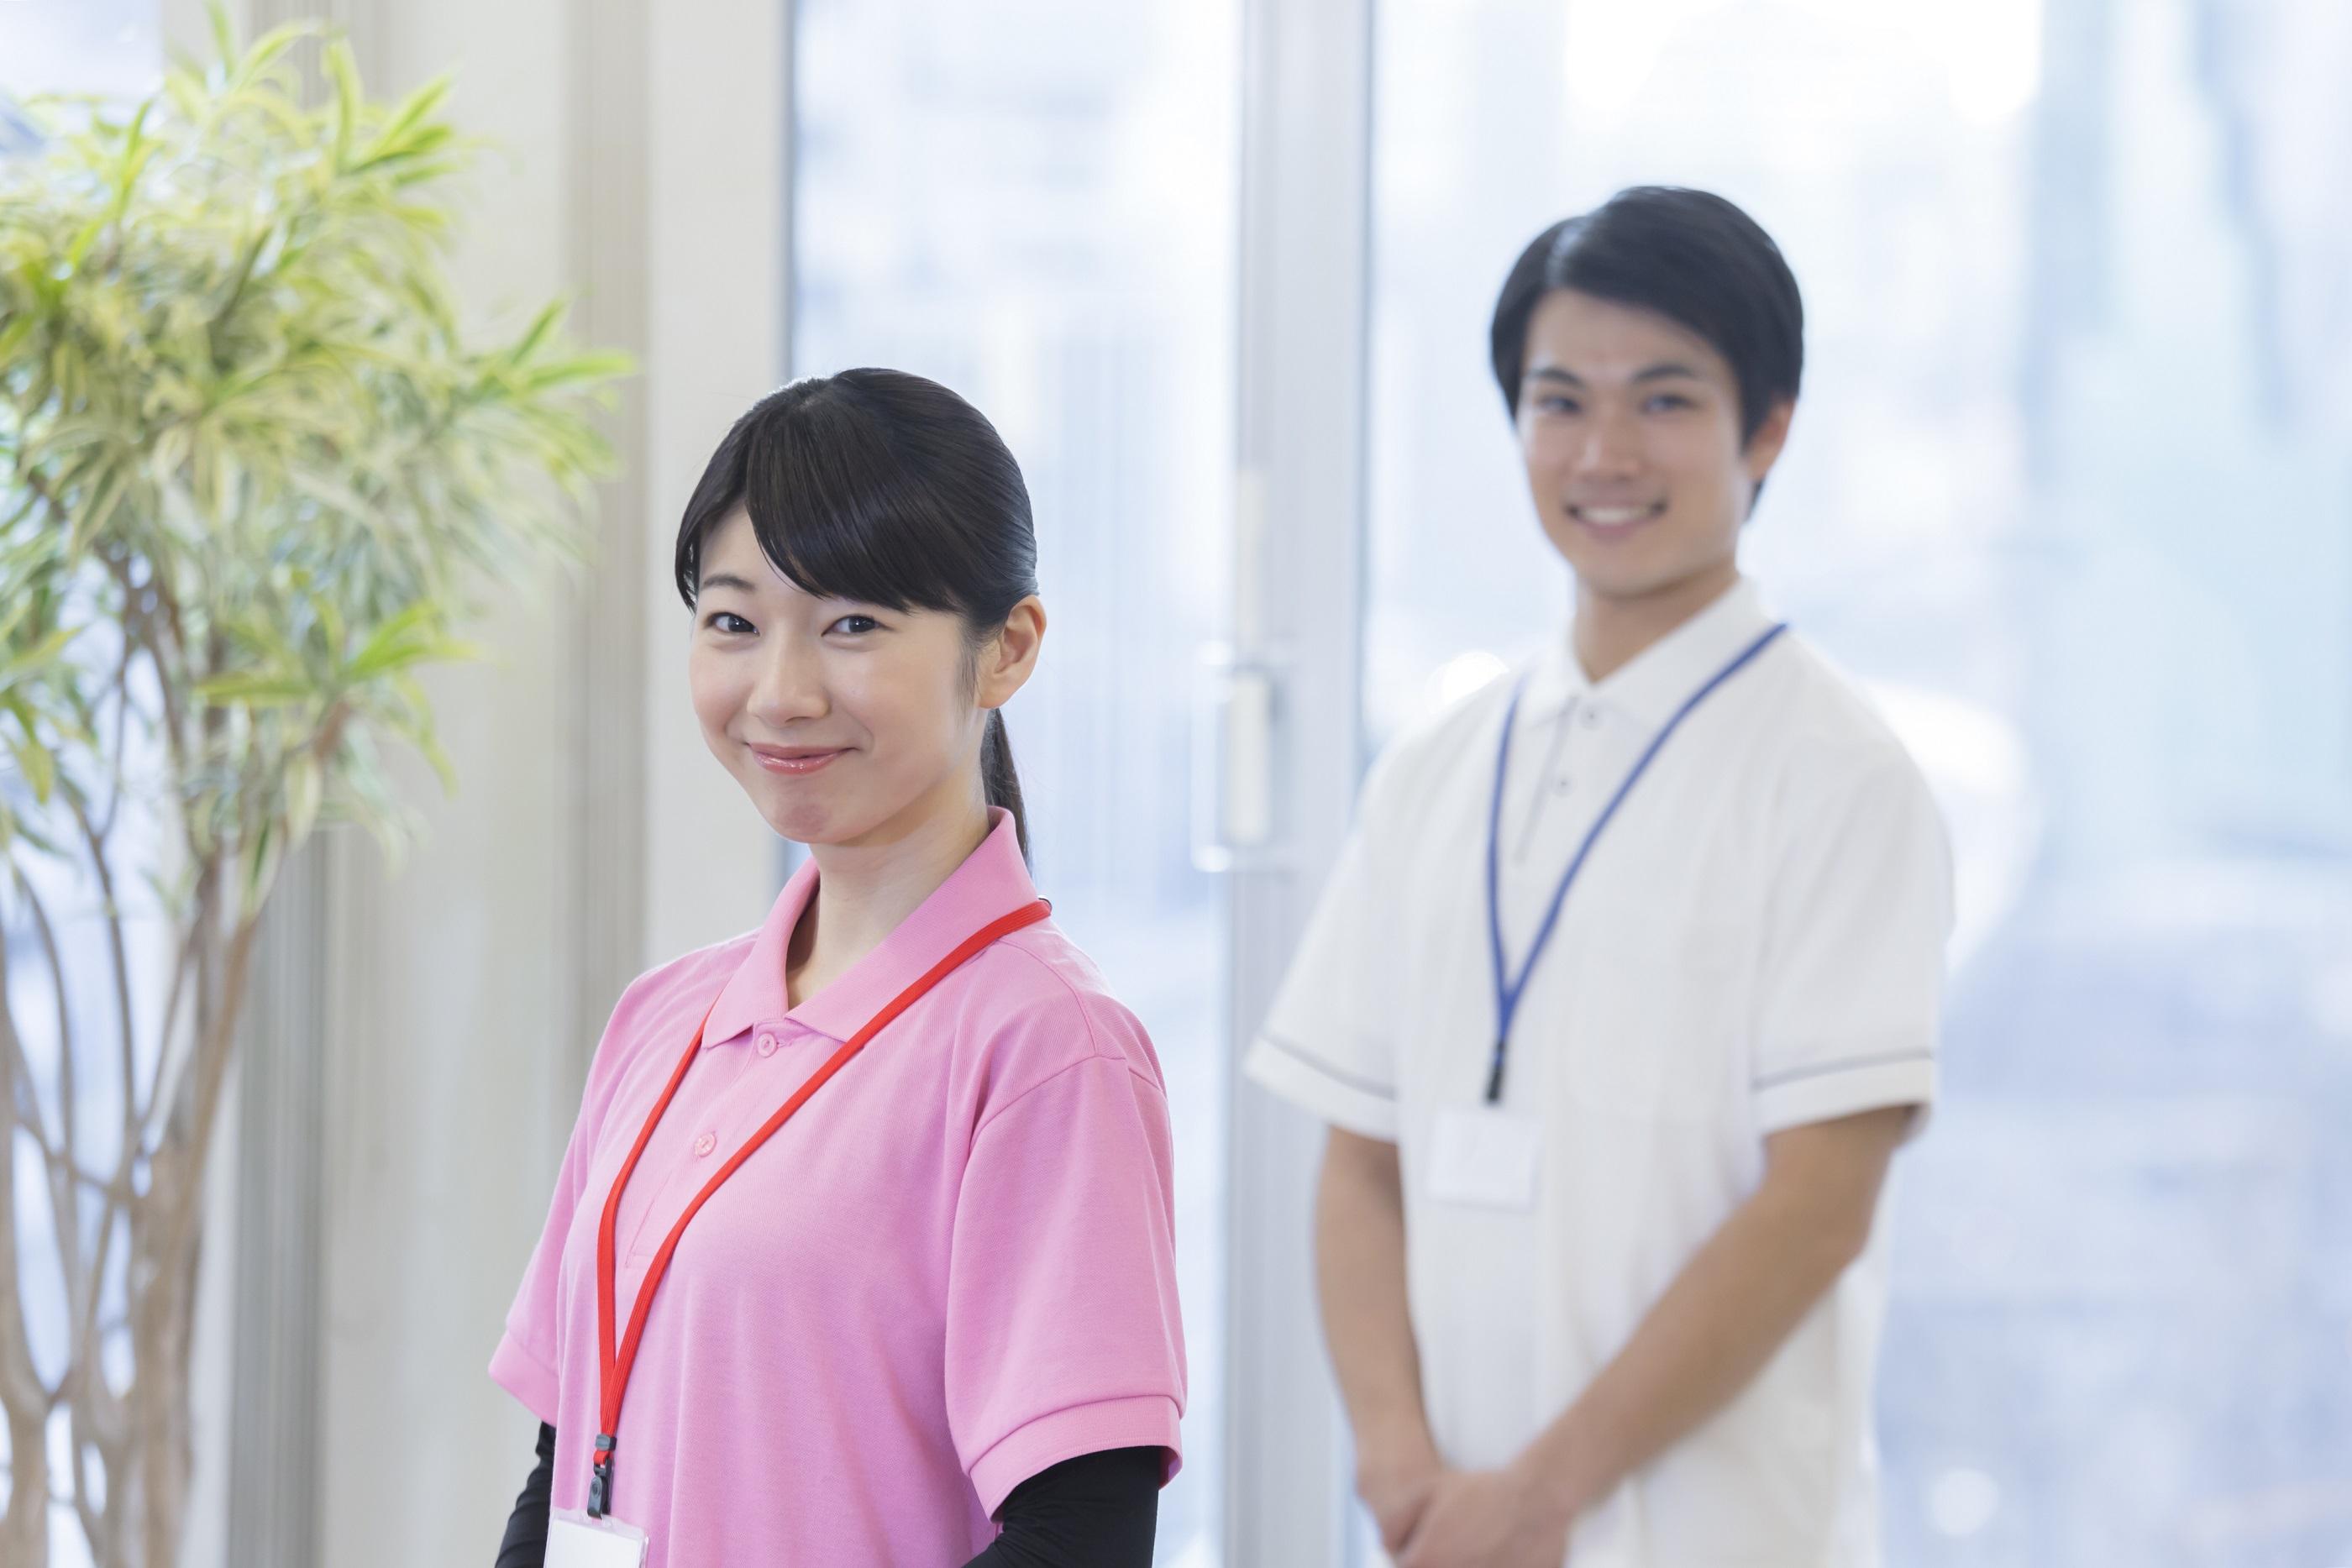 [派遣]横浜市泉区の病院・クリニック/KH140